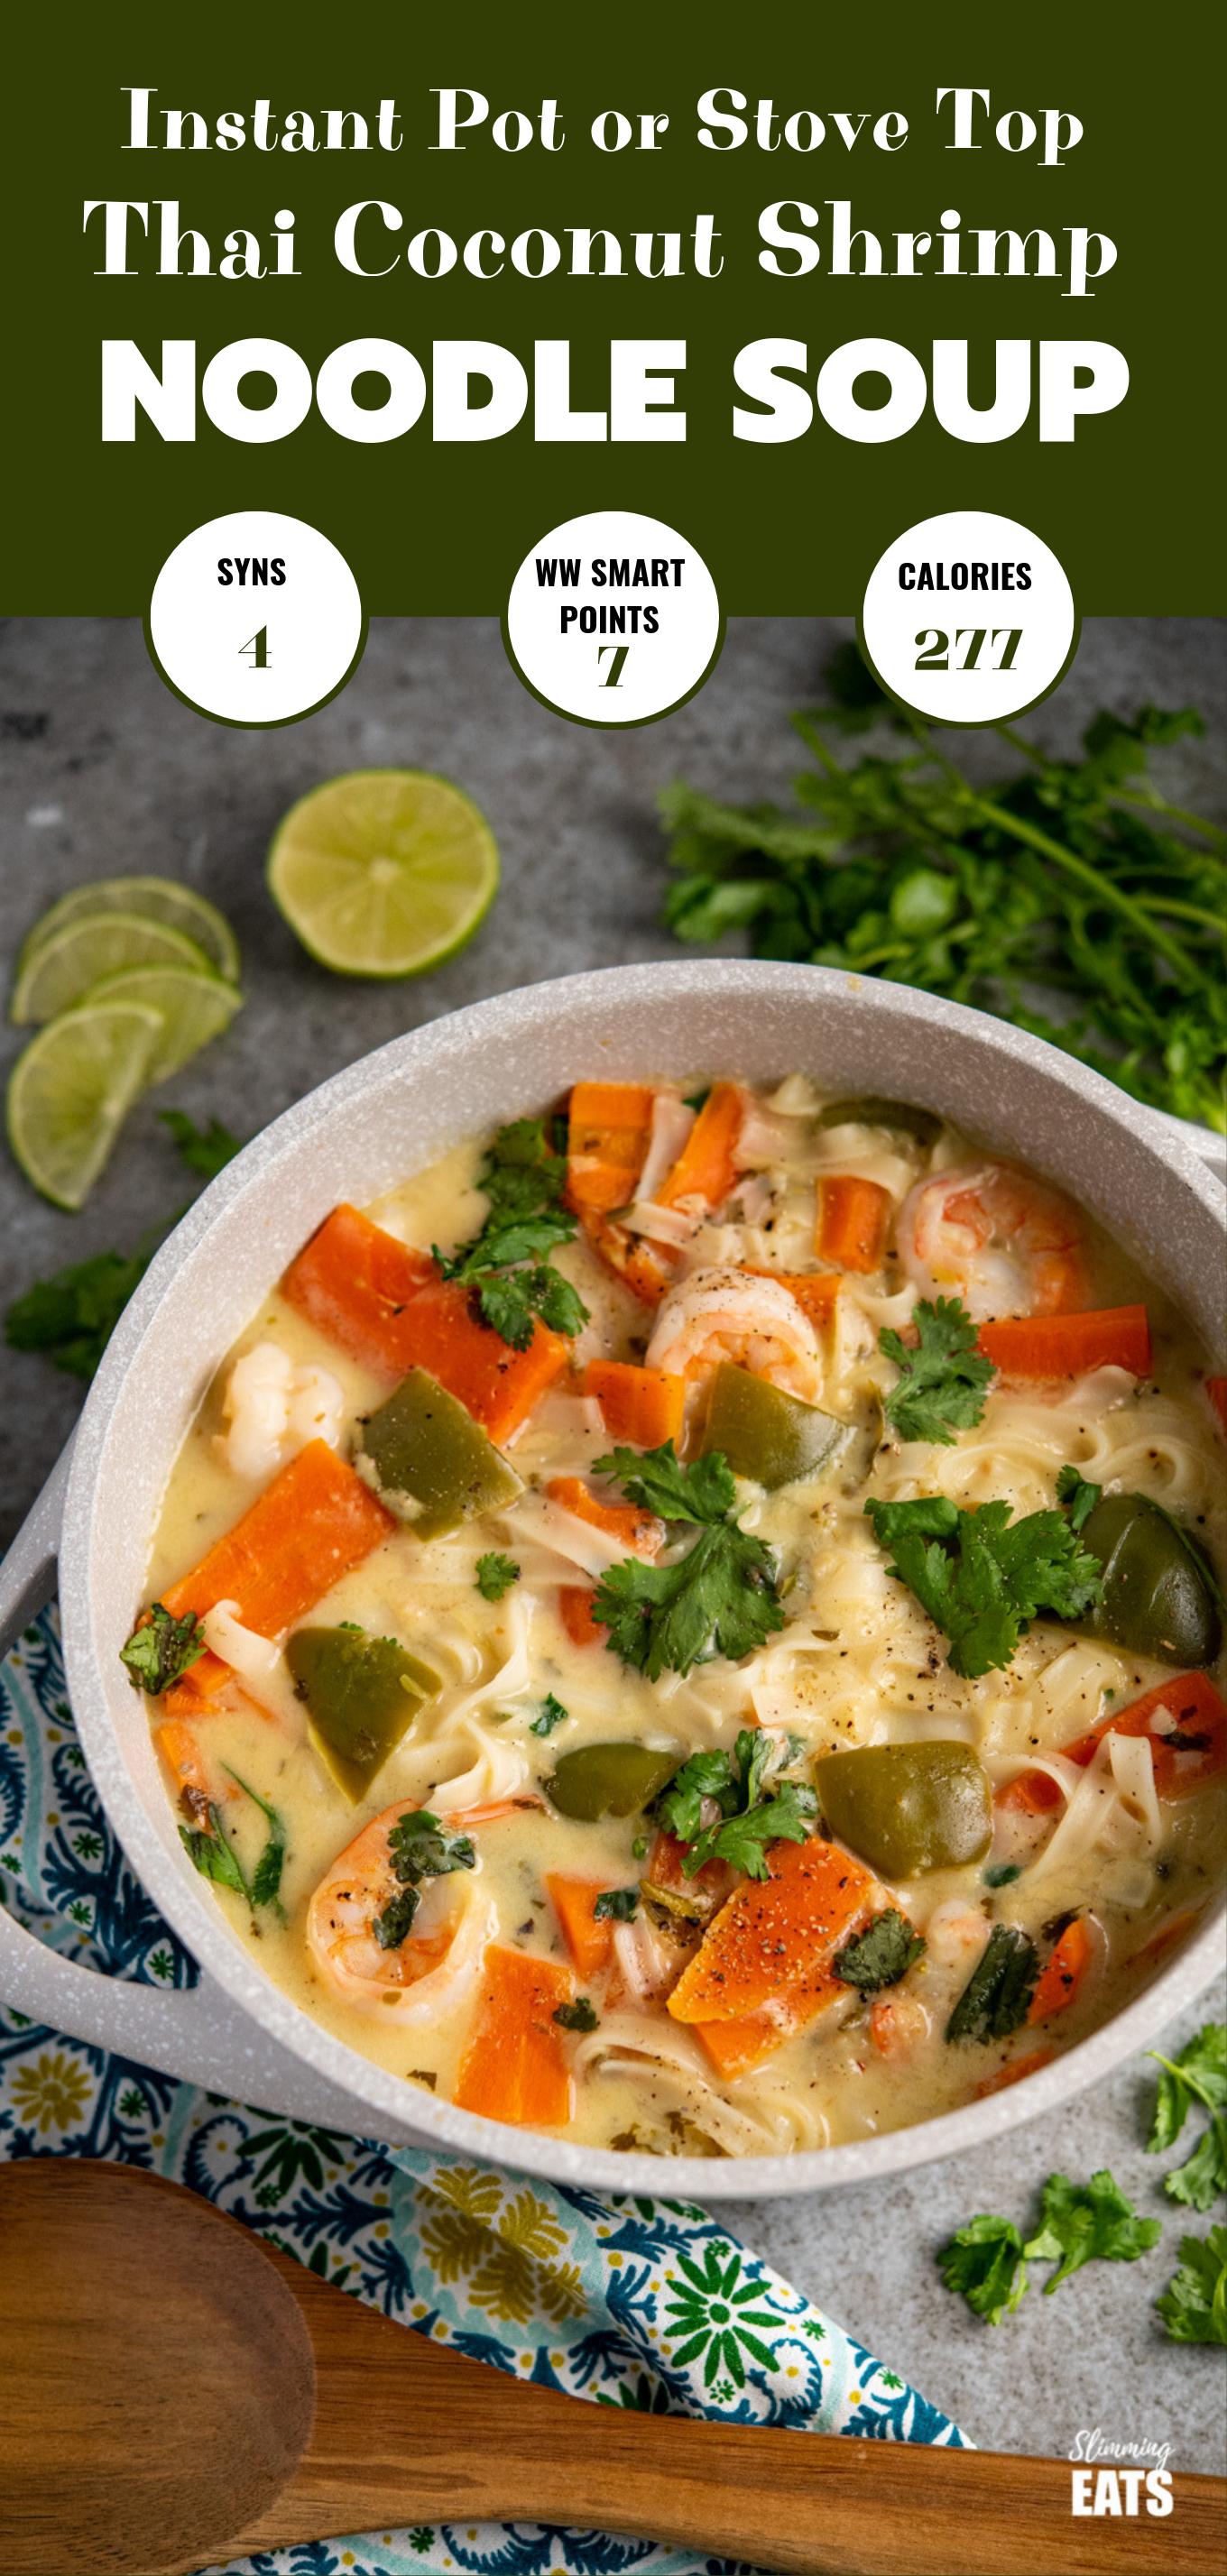 Thai Coconut Shrimp Noodle Soup feature pin image